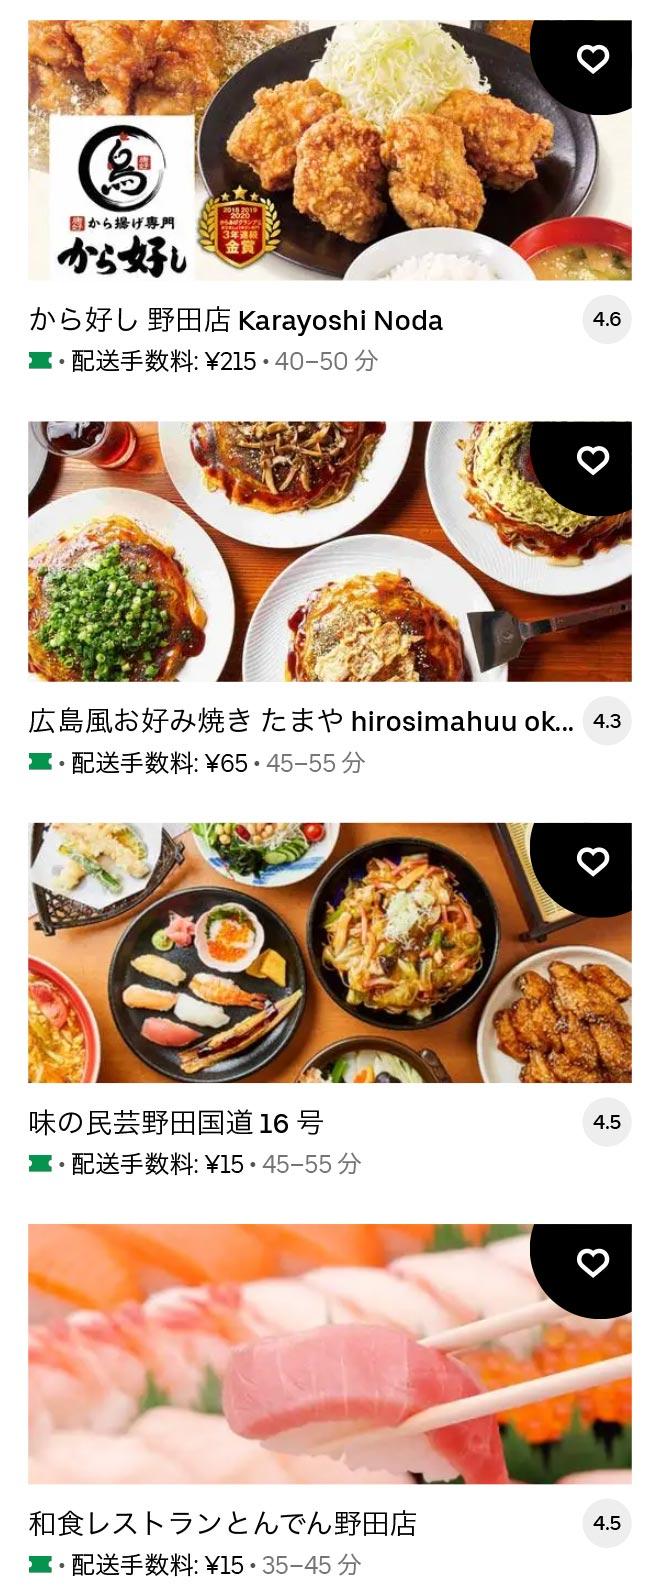 U noda menu 2104 04